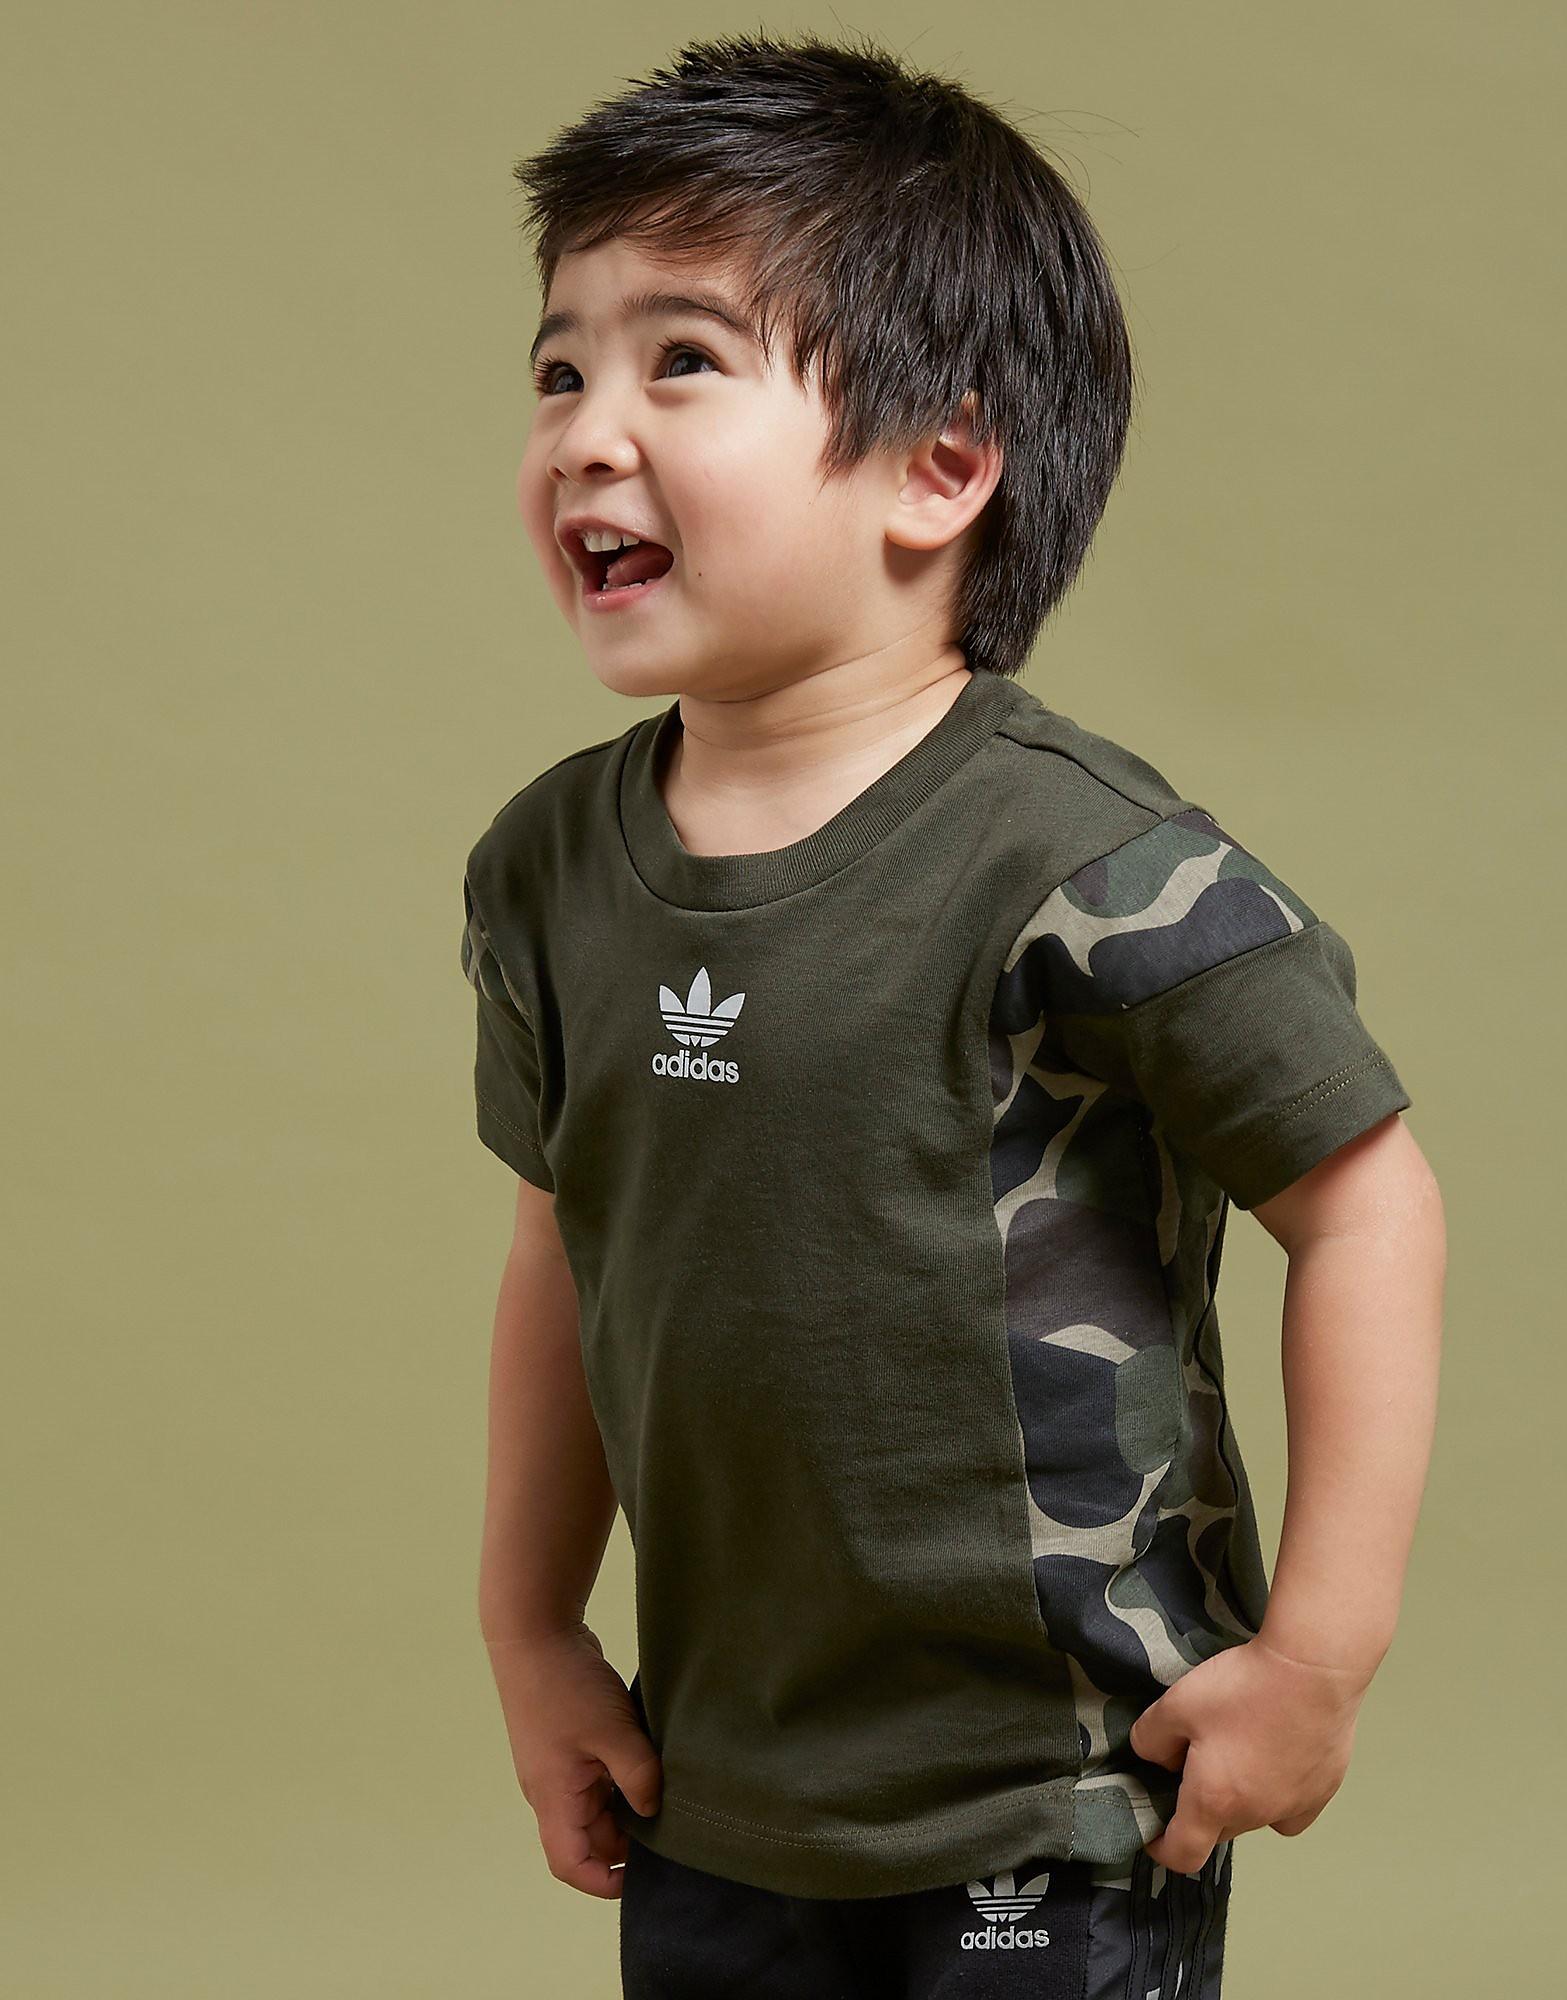 adidas Originals Europe T-Shirt Kleinkinder